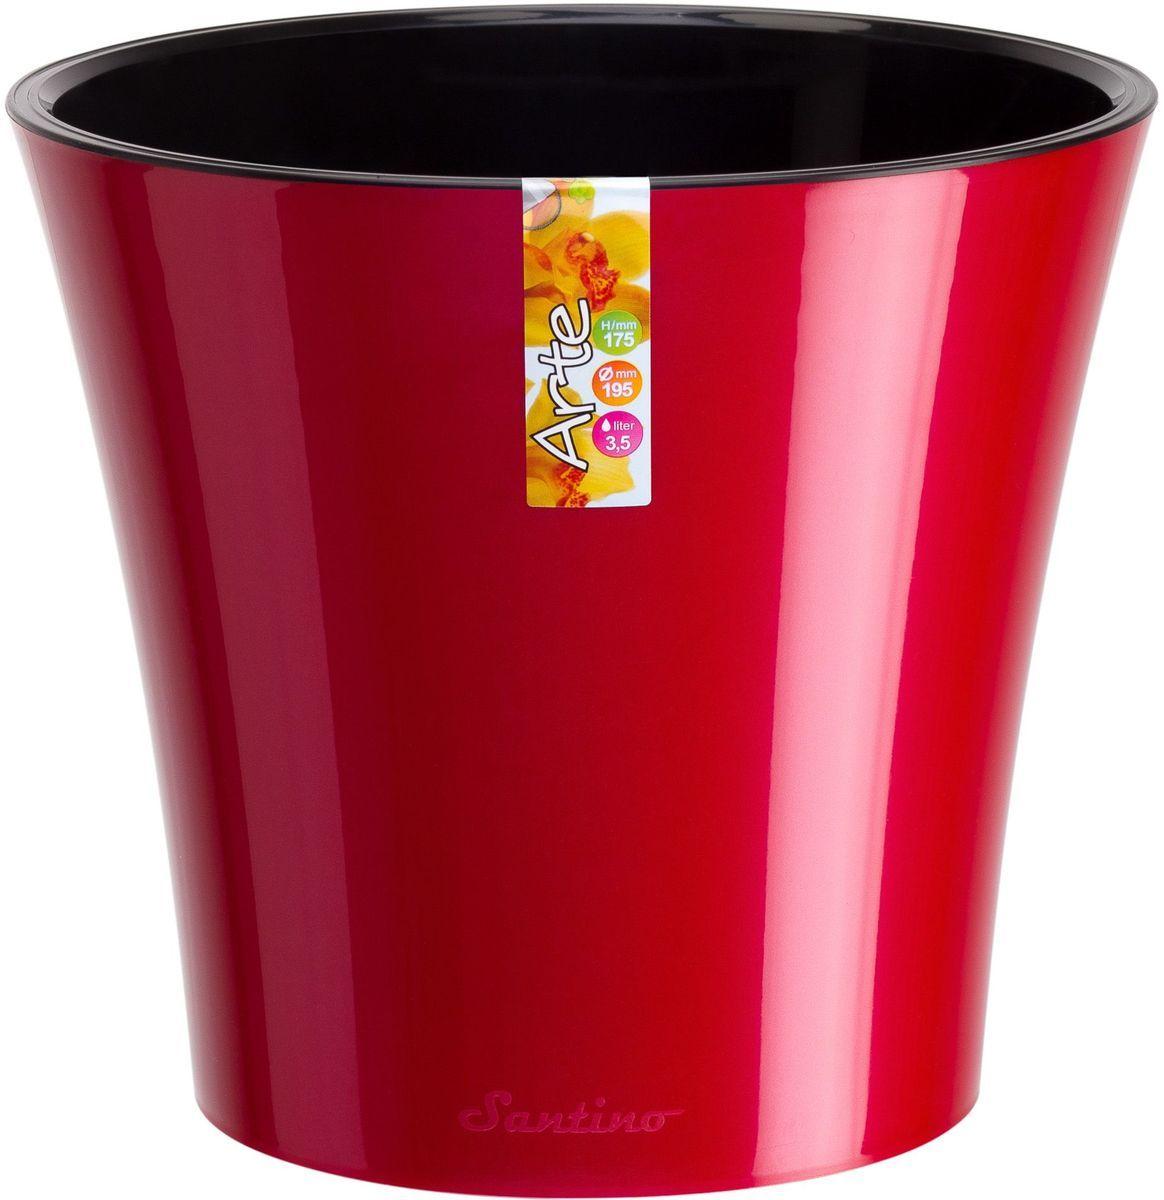 Горшок цветочный Santino Арте, двойной, с системой автополива, цвет: красный, черный, 2 лАРТ 2 К-ЧЛюбой, даже самый современный и продуманный интерьер будет незавершённым без растений. Они не только очищают воздух и насыщают его кислородом, но и украшают окружающее пространство. Такому полезному члену семьи просто необходим красивый и функциональный дом! Мы предлагаем #name#! Оптимальный выбор материала — пластмасса! Почему мы так считаем?Малый вес. С лёгкостью переносите горшки и кашпо с места на место, ставьте их на столики или полки, не беспокоясь о нагрузке. Простота ухода. Кашпо не нуждается в специальных условиях хранения. Его легко чистить — достаточно просто сполоснуть тёплой водой. Никаких потёртостей. Такие кашпо не царапают и не загрязняют поверхности, на которых стоят. Пластик дольше хранит влагу, а значит, растение реже нуждается в поливе. Пластмасса не пропускает воздух — корневой системе растения не грозят резкие перепады температур. Огромный выбор форм, декора и расцветок — вы без труда найдёте что-то, что идеально впишется в уже существующий интерьер. Соблюдая нехитрые правила ухода, вы можете заметно продлить срок службы горшков и кашпо из пластика:всегда учитывайте размер кроны и корневой системы (при разрастании большое растение способно повредить маленький горшок)берегите изделие от воздействия прямых солнечных лучей, чтобы горшки не выцветалидержите кашпо из пластика подальше от нагревающихся поверхностей. Создавайте прекрасные цветочные композиции, выращивайте рассаду или необычные растения.